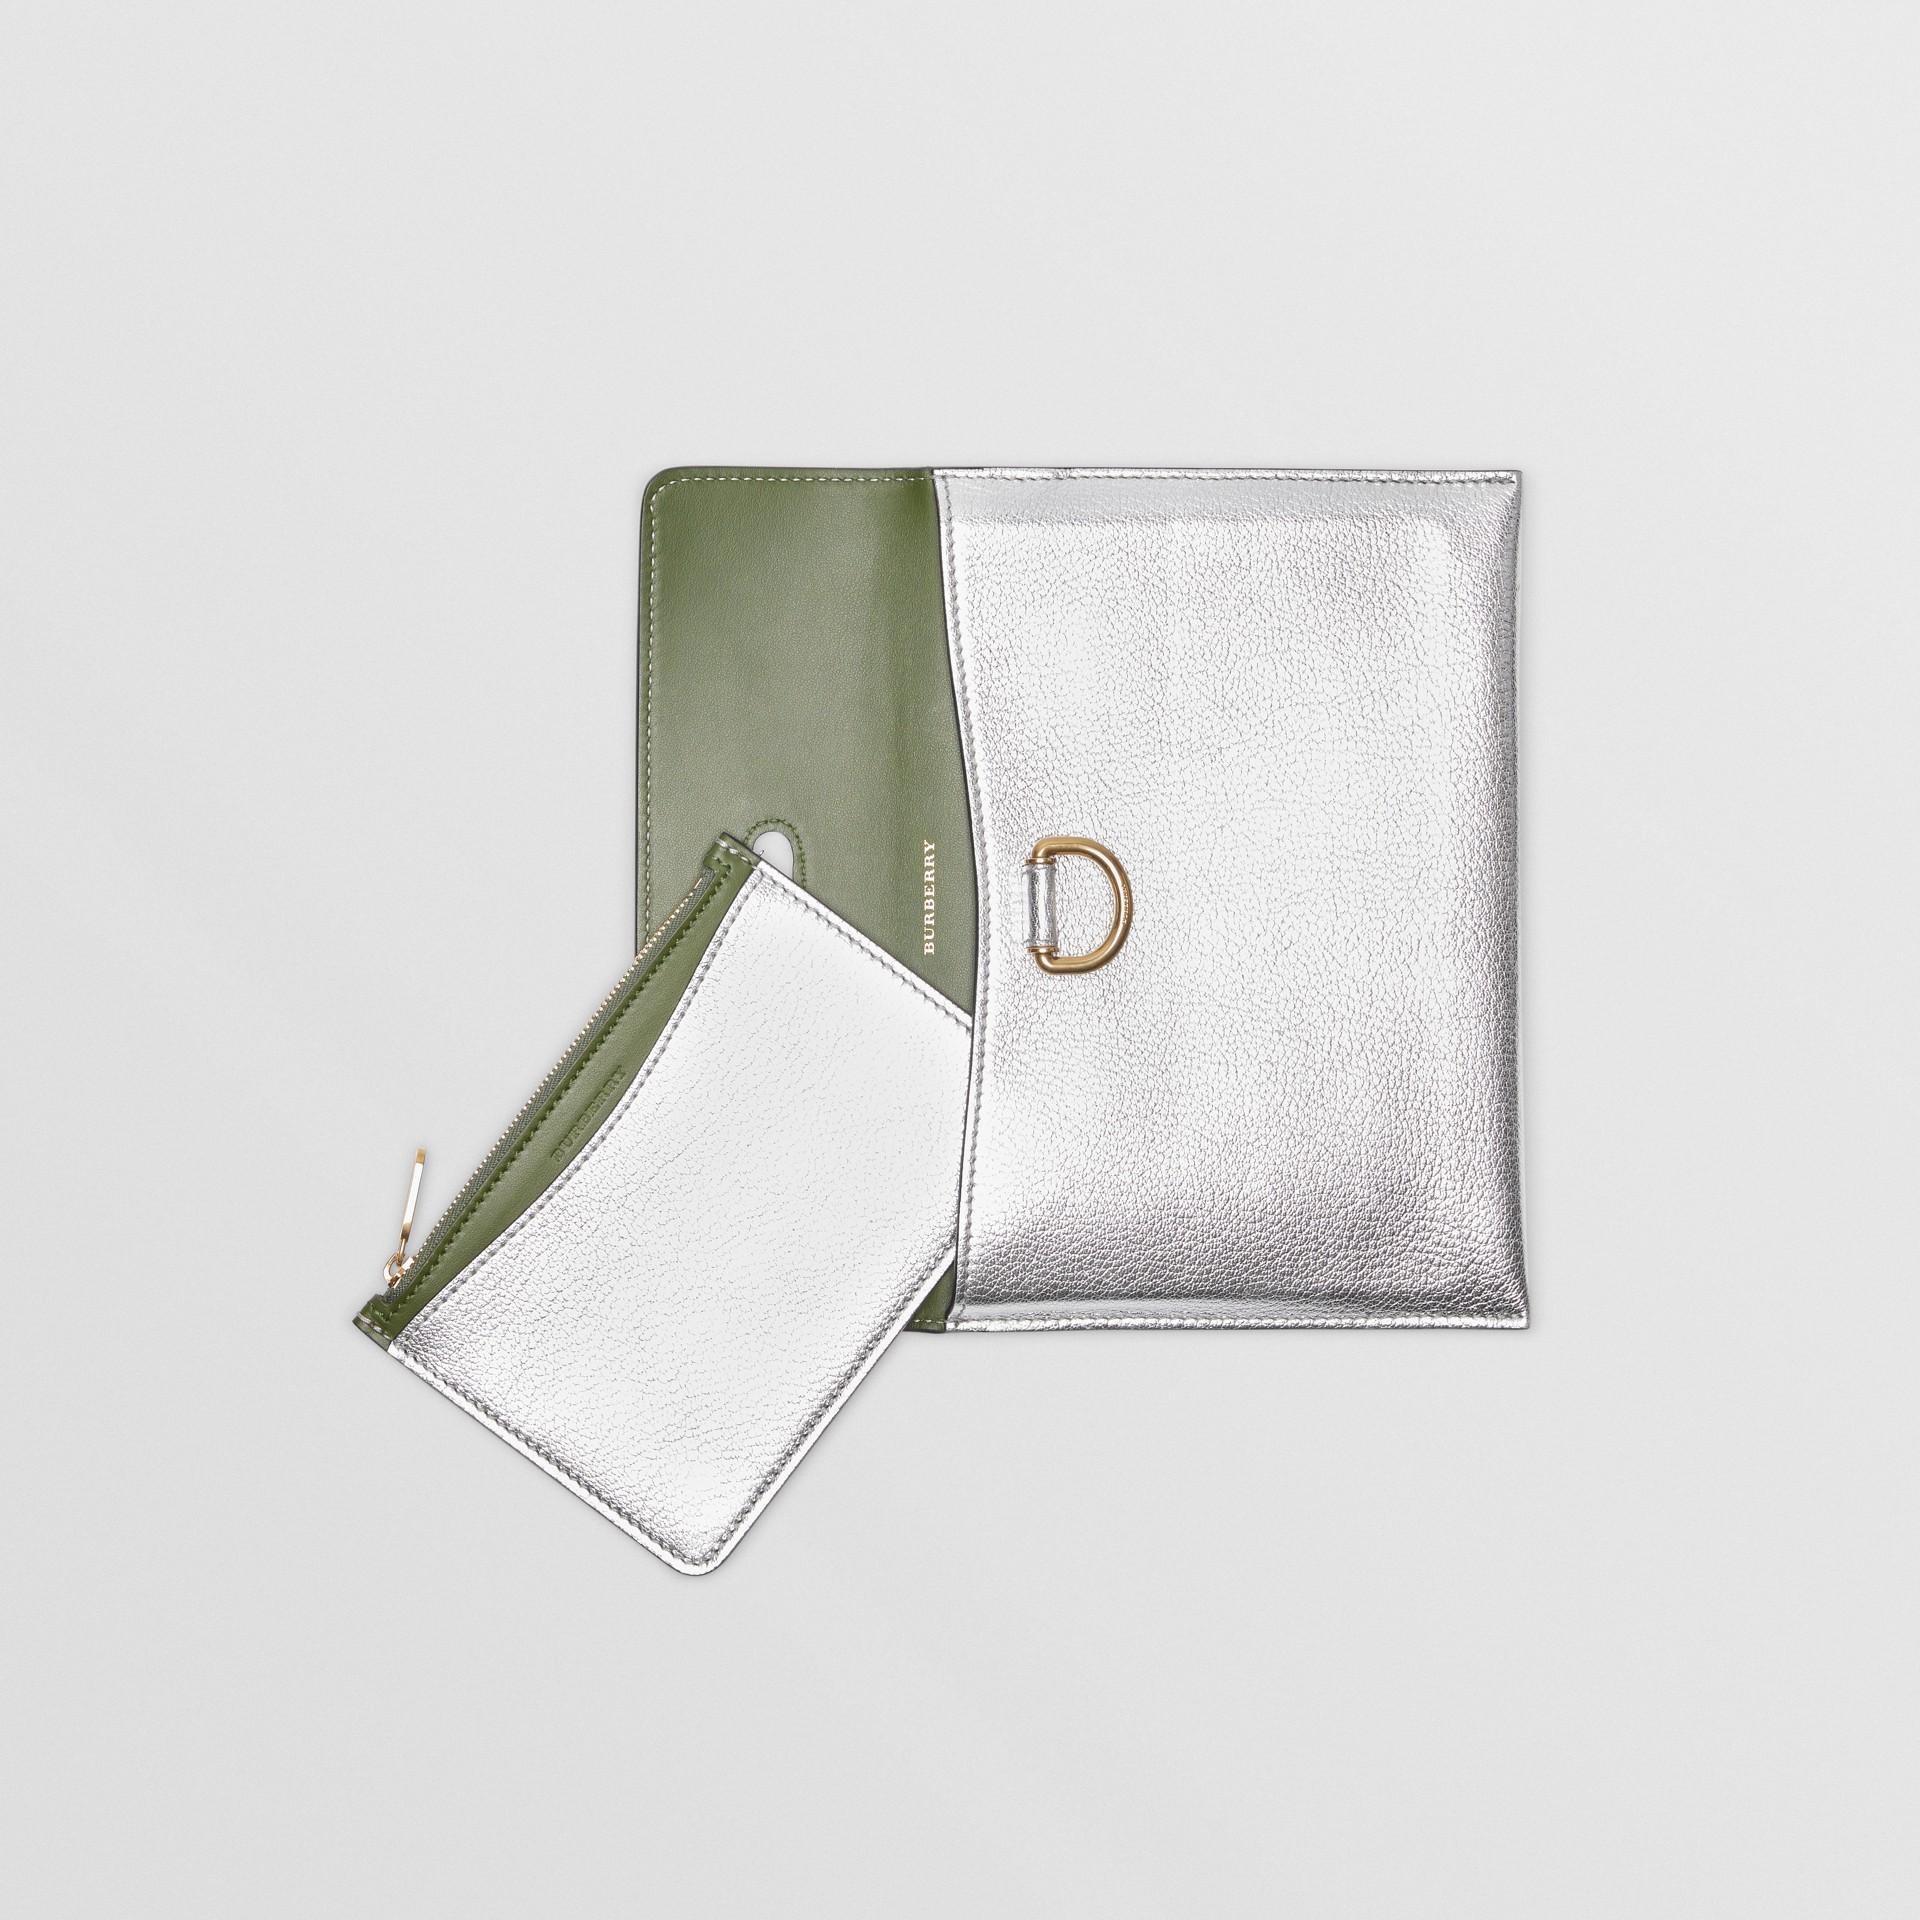 Trousse con portamonete in pelle metallizzata con cerniera e anello a D (Argento) - Donna | Burberry - immagine della galleria 6